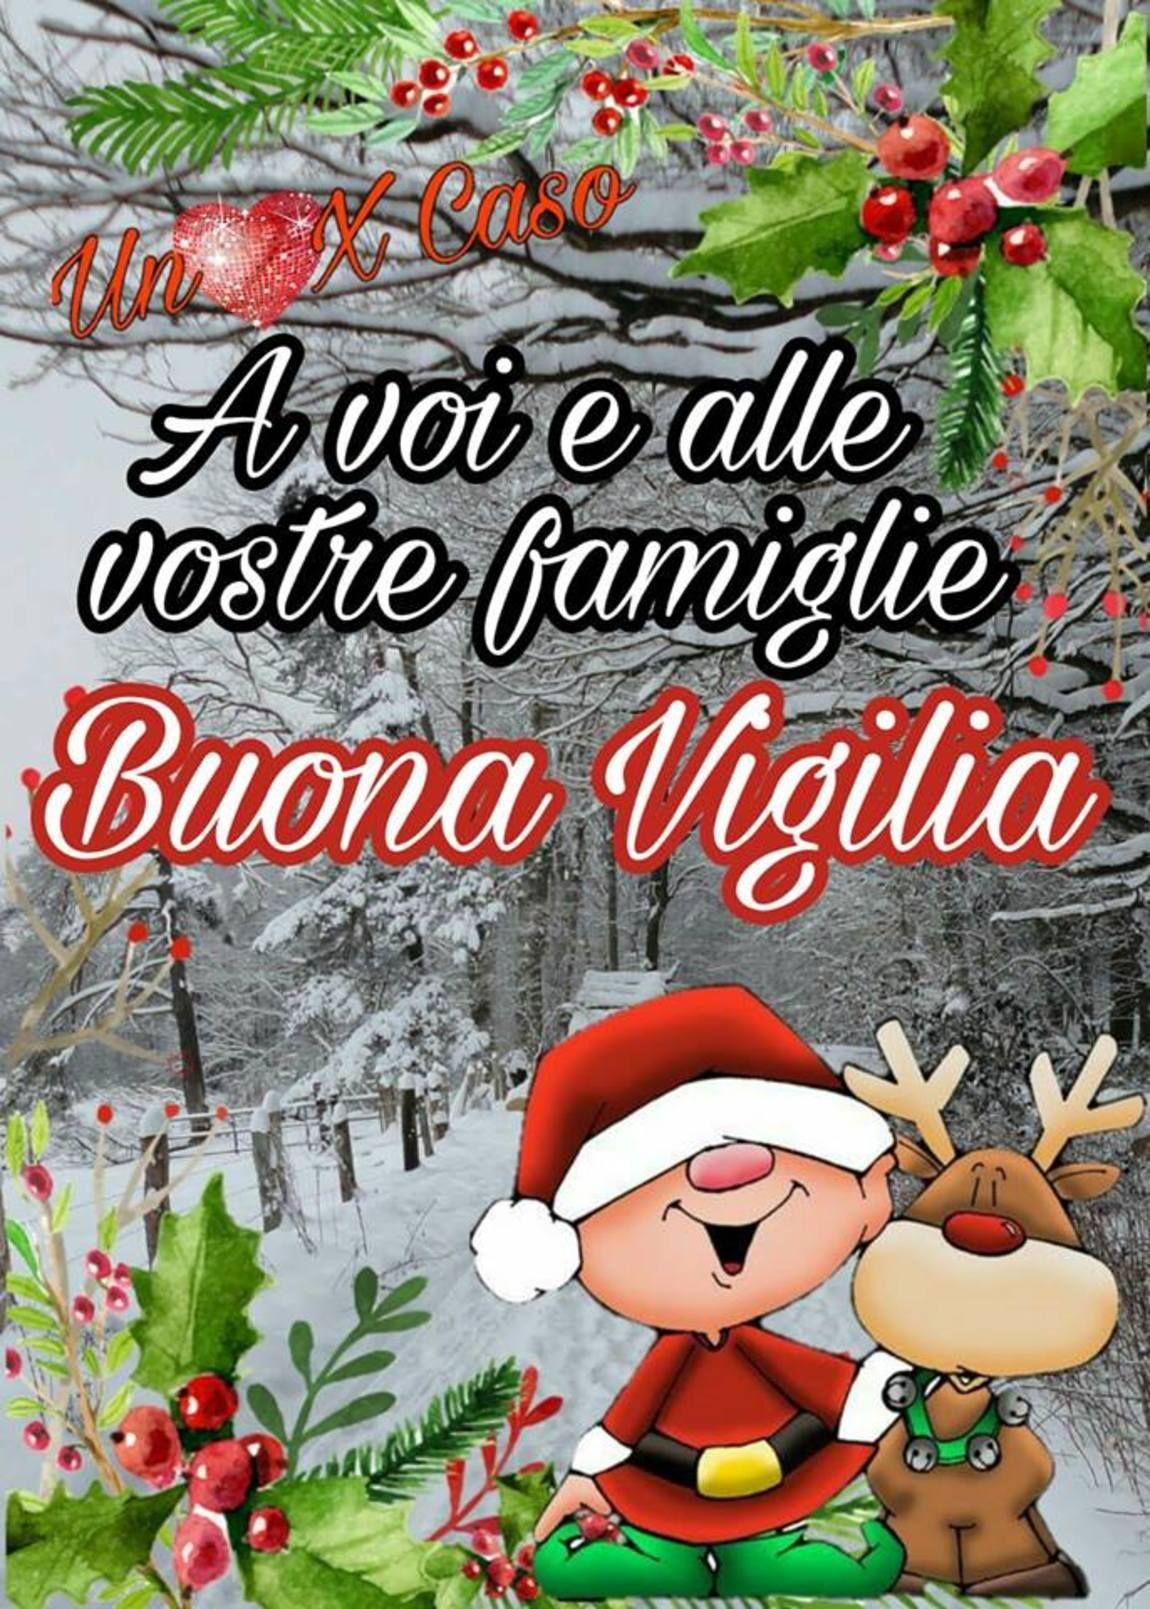 Auguri Di Natale Famiglia.Buona Vigilia Di Natale A Te E Famiglia Auguri Per Vigilia Di